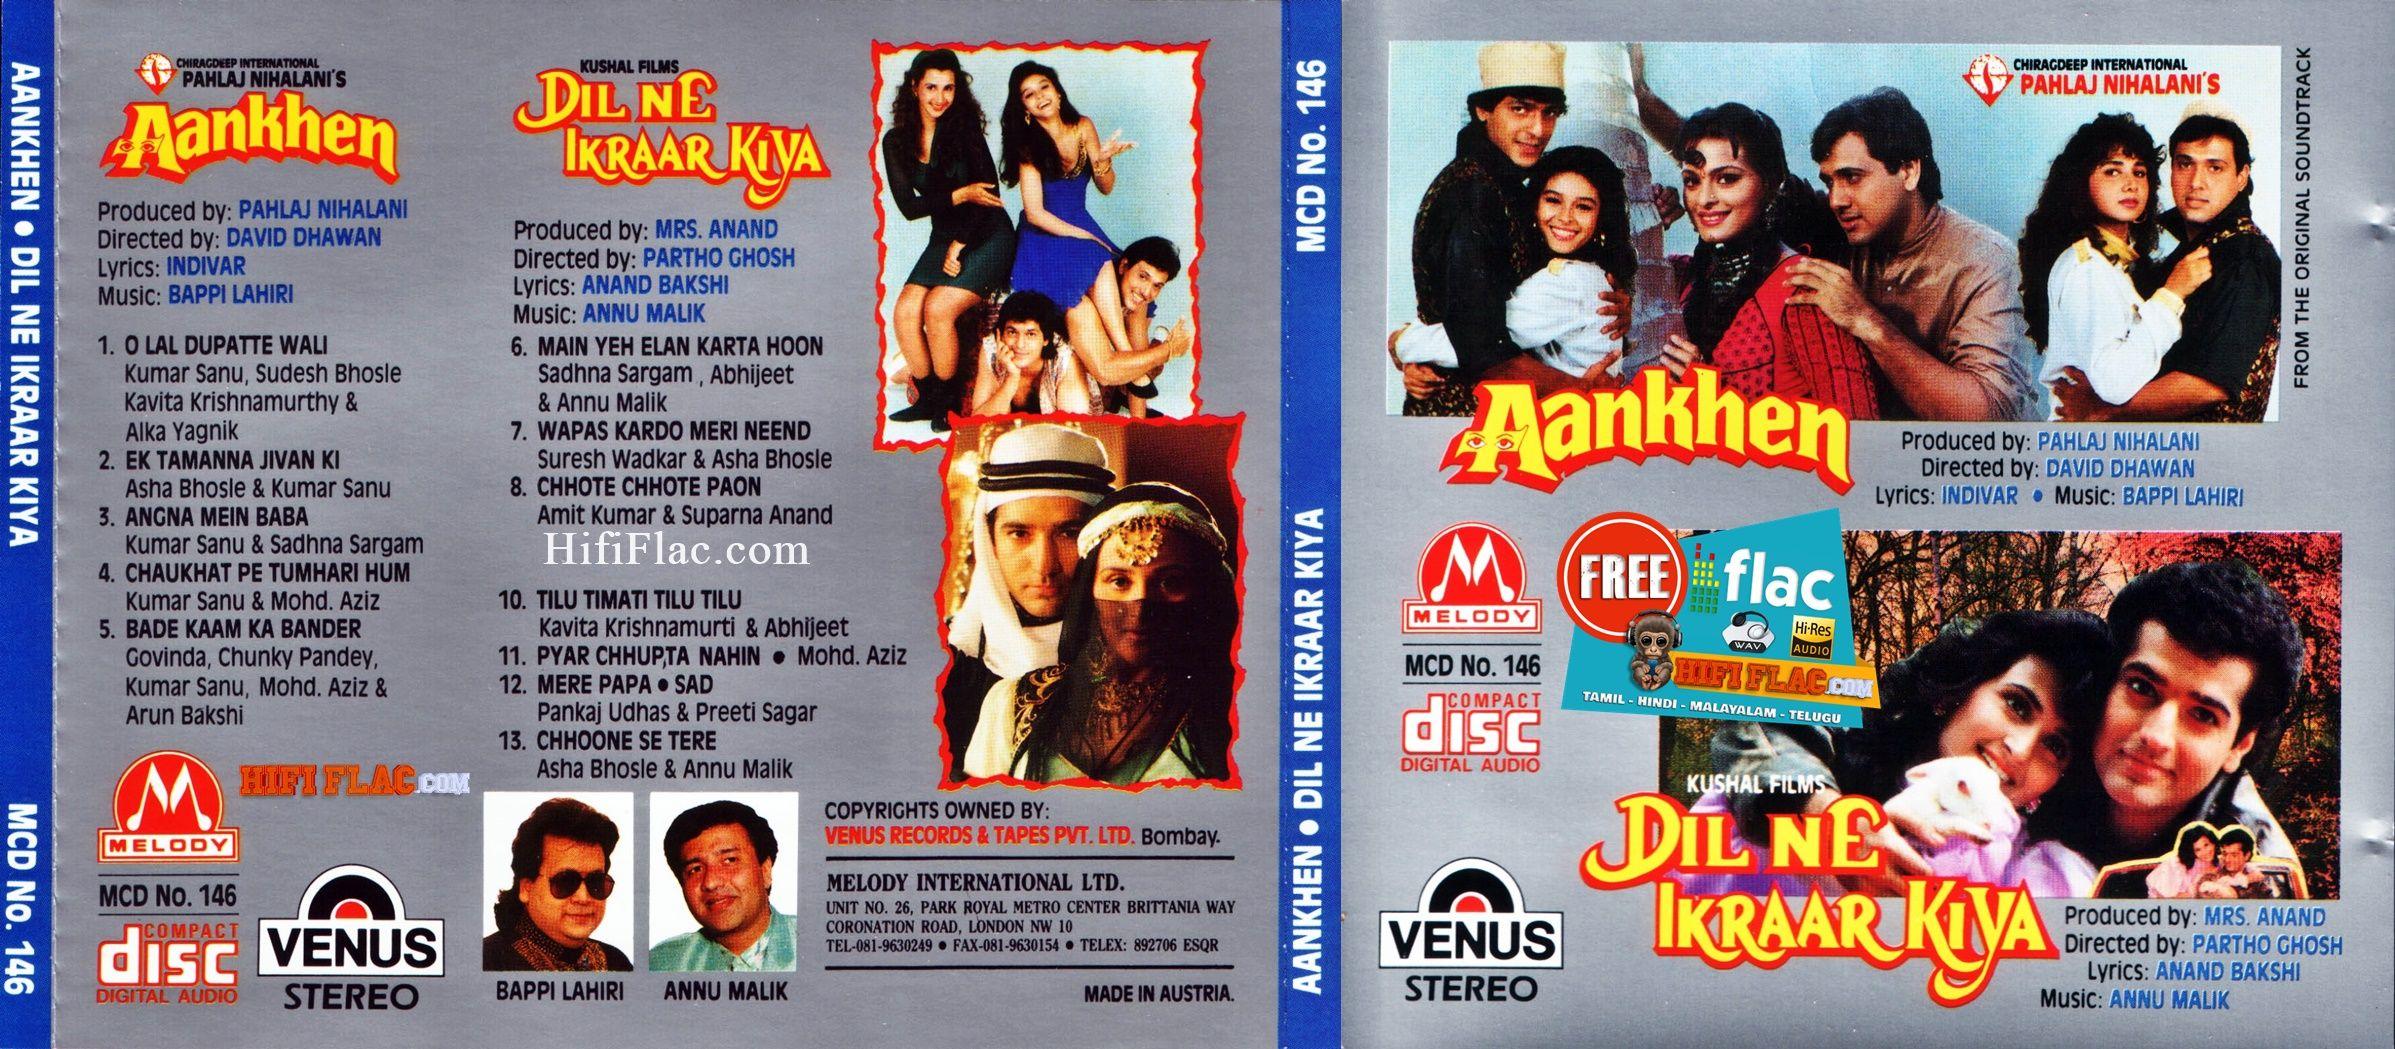 delhi 6 download 720p